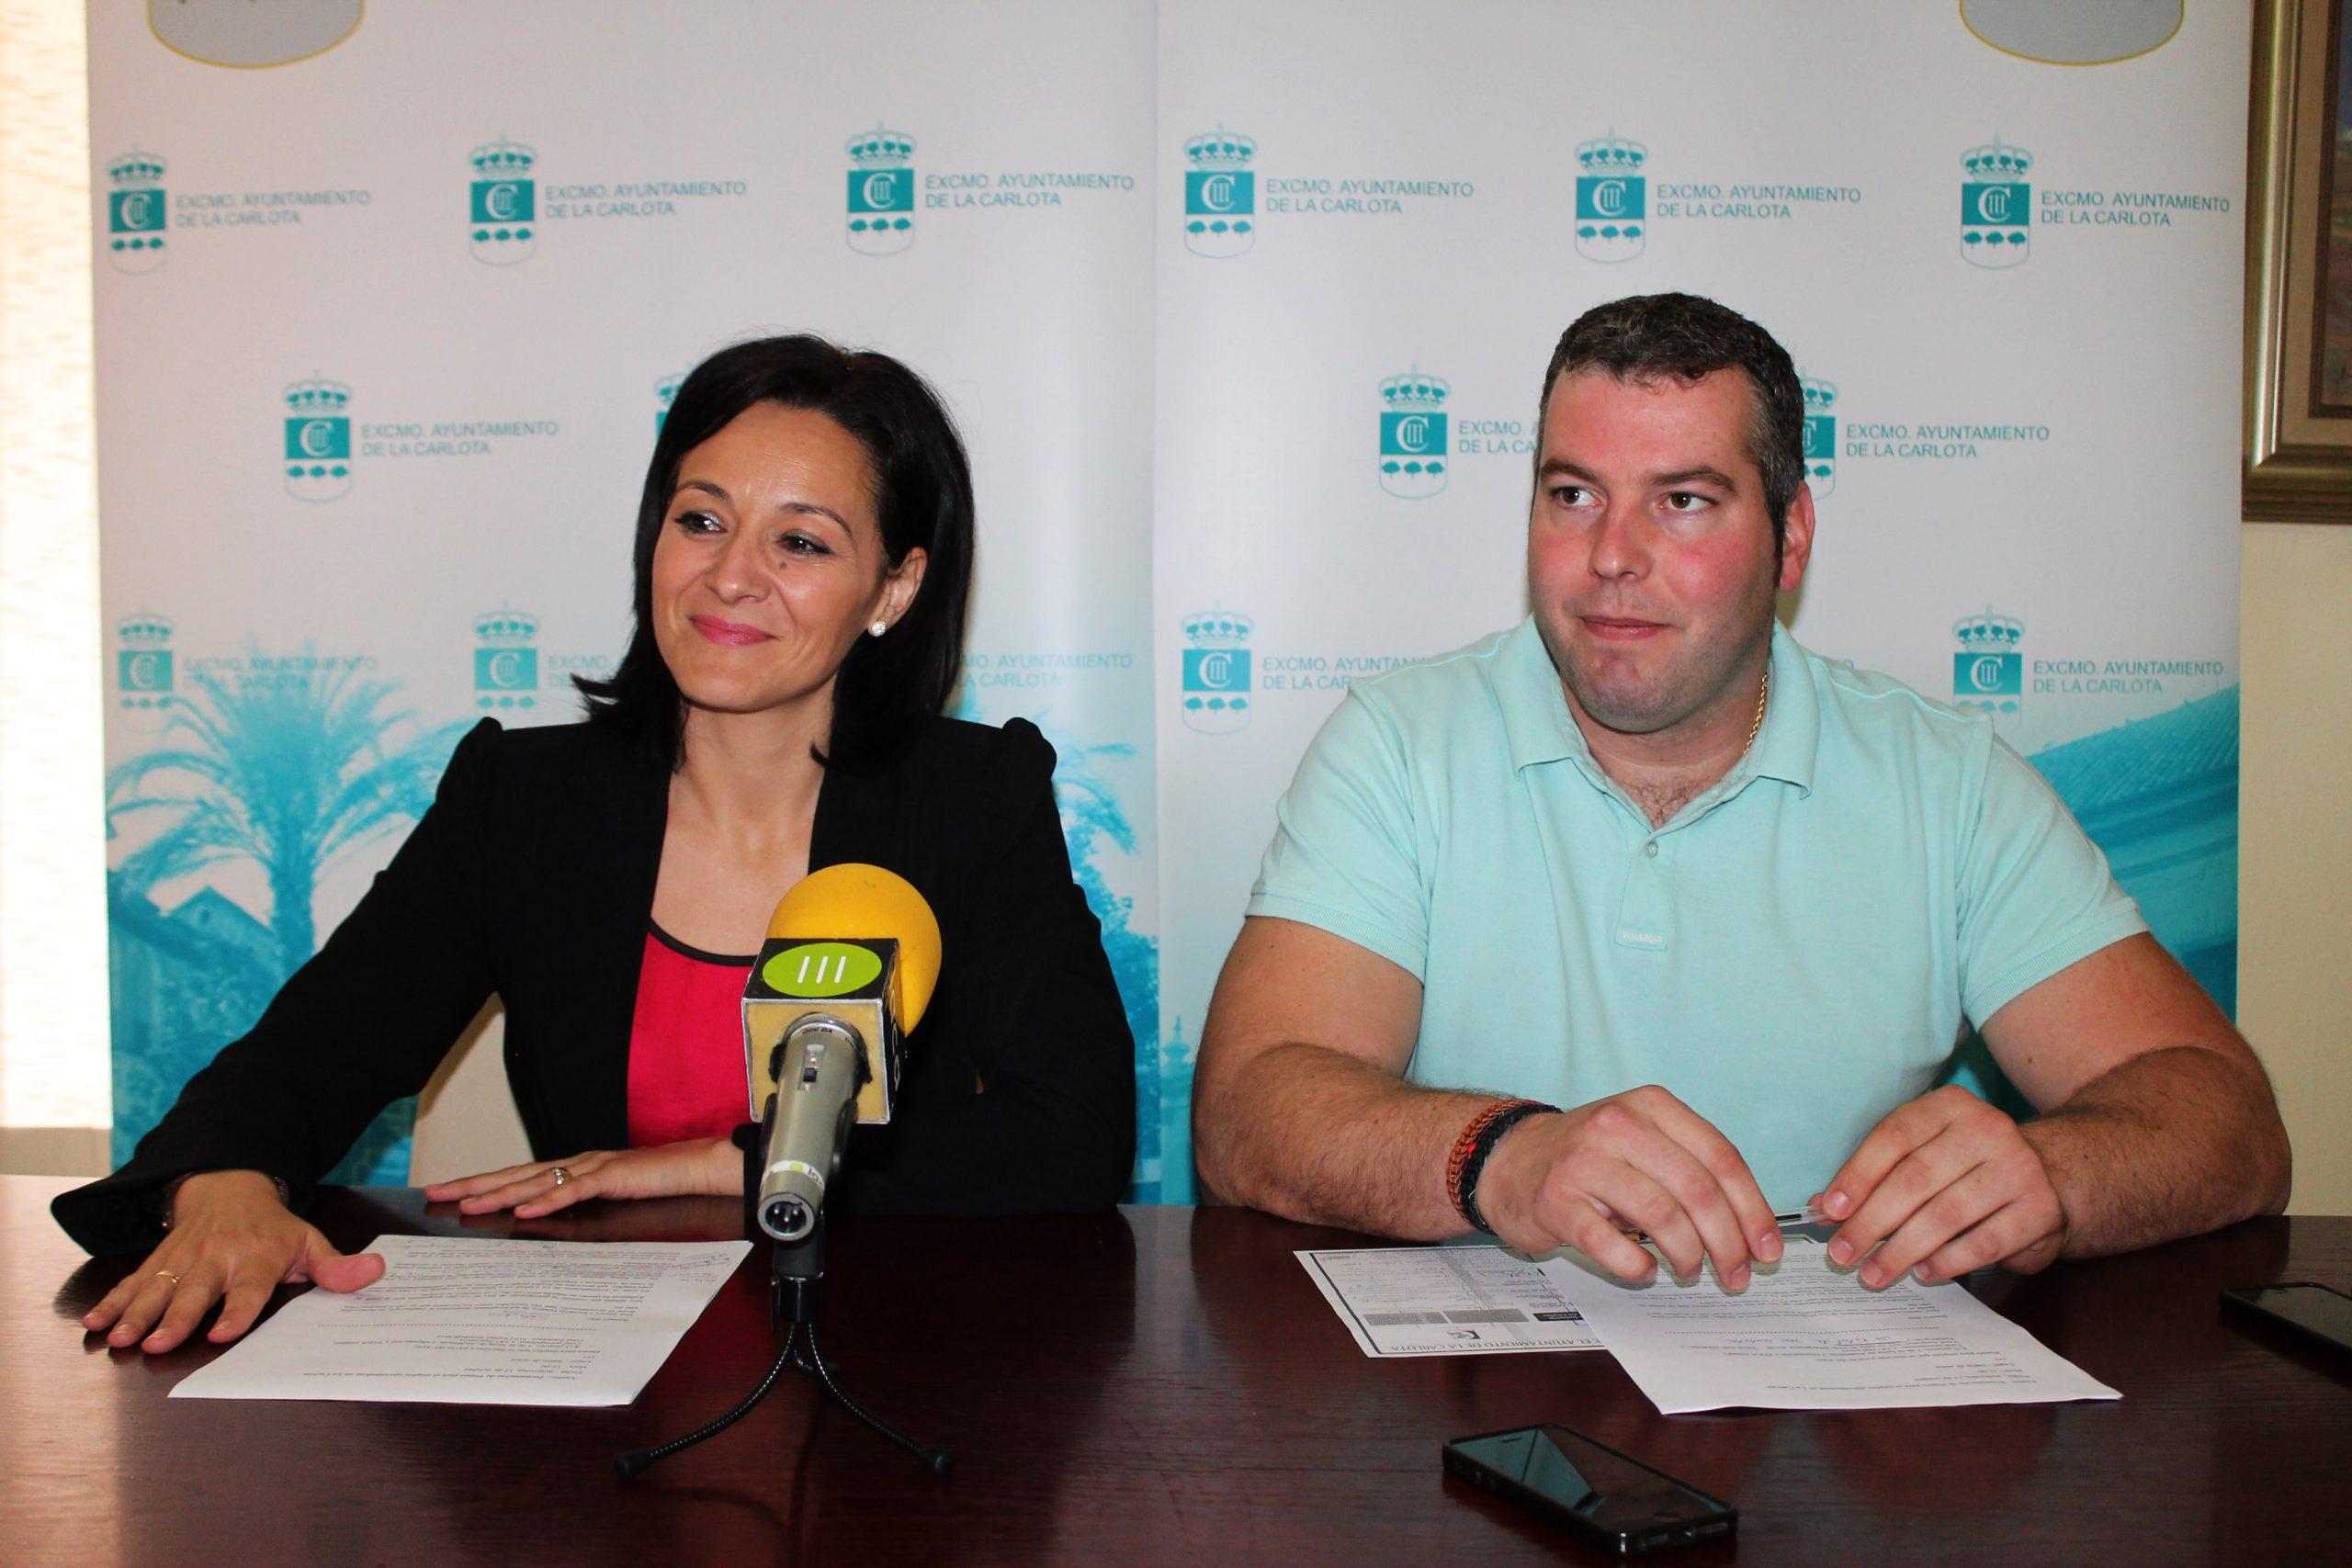 El Ayuntamiento de La Carlota realizará más de 700 contrataciones con los programas especiales para el empleo 1